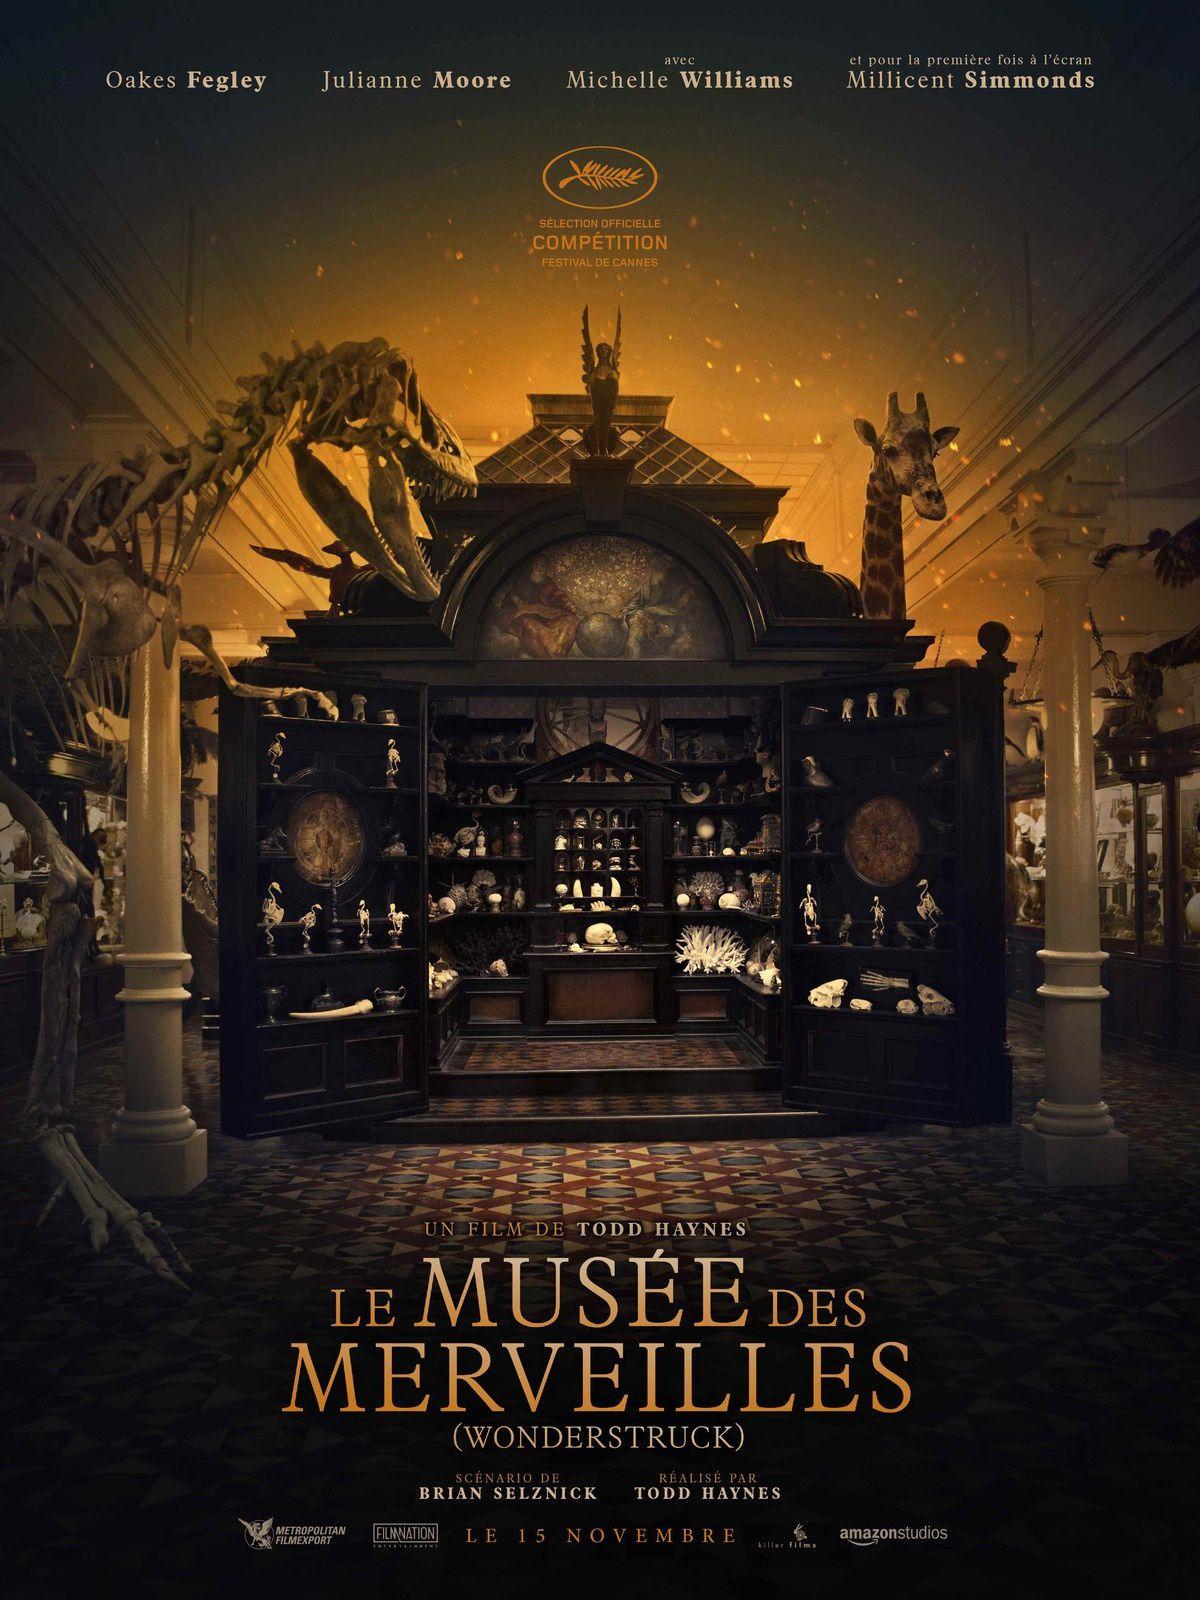 LE MUSÉE DES MERVEILLES (Wonderstruck) Découvrez un extrait avec JULIANNE MOORE - MICHELLE WILLIAMS - AU CINÉMA LE 15 NOVEMBRE 2017